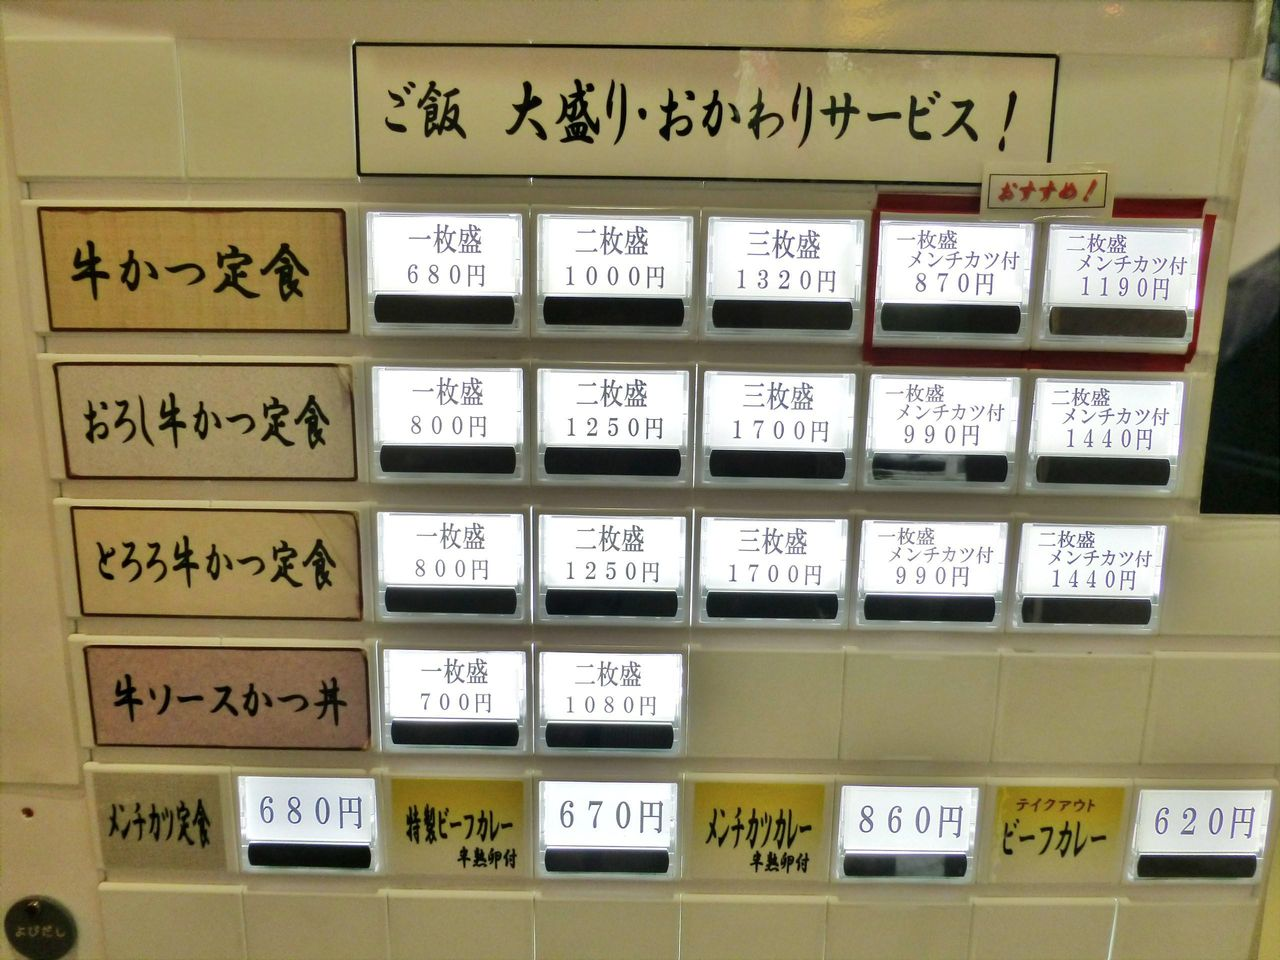 勝ちゃんのメニュー(26年11月現在)